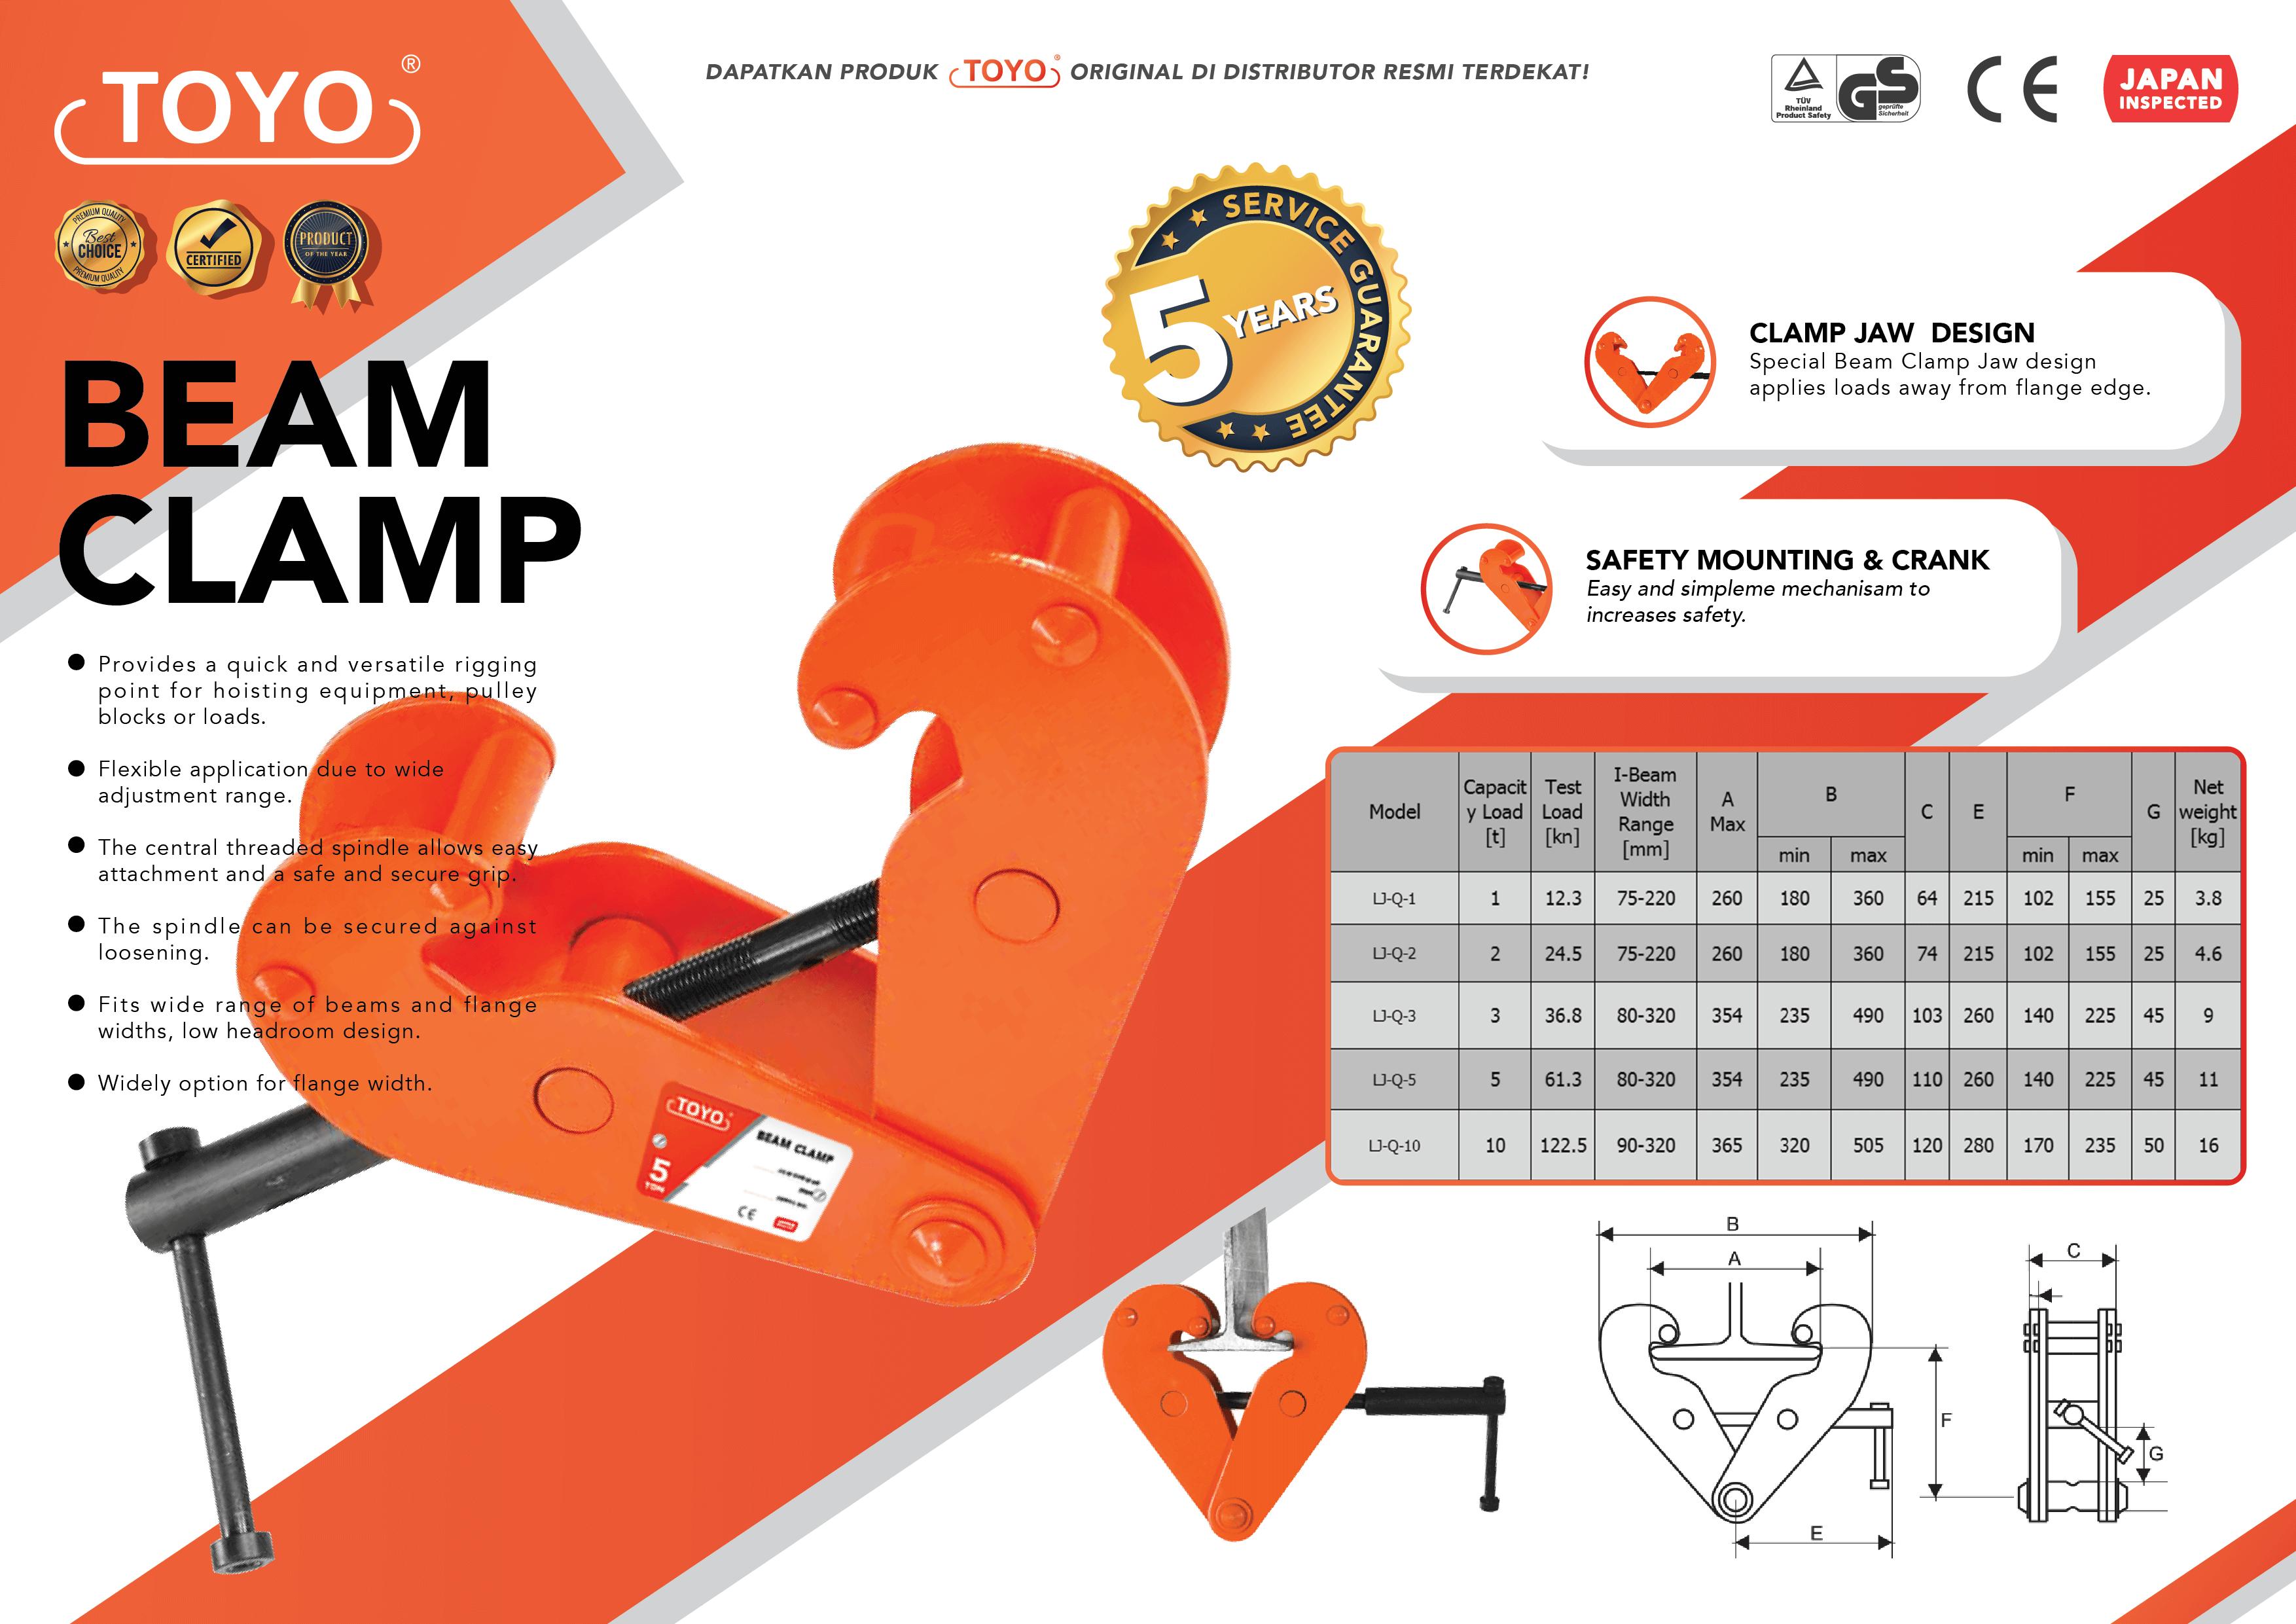 Spesifikasi Detail Beam Clamp Toyo Original